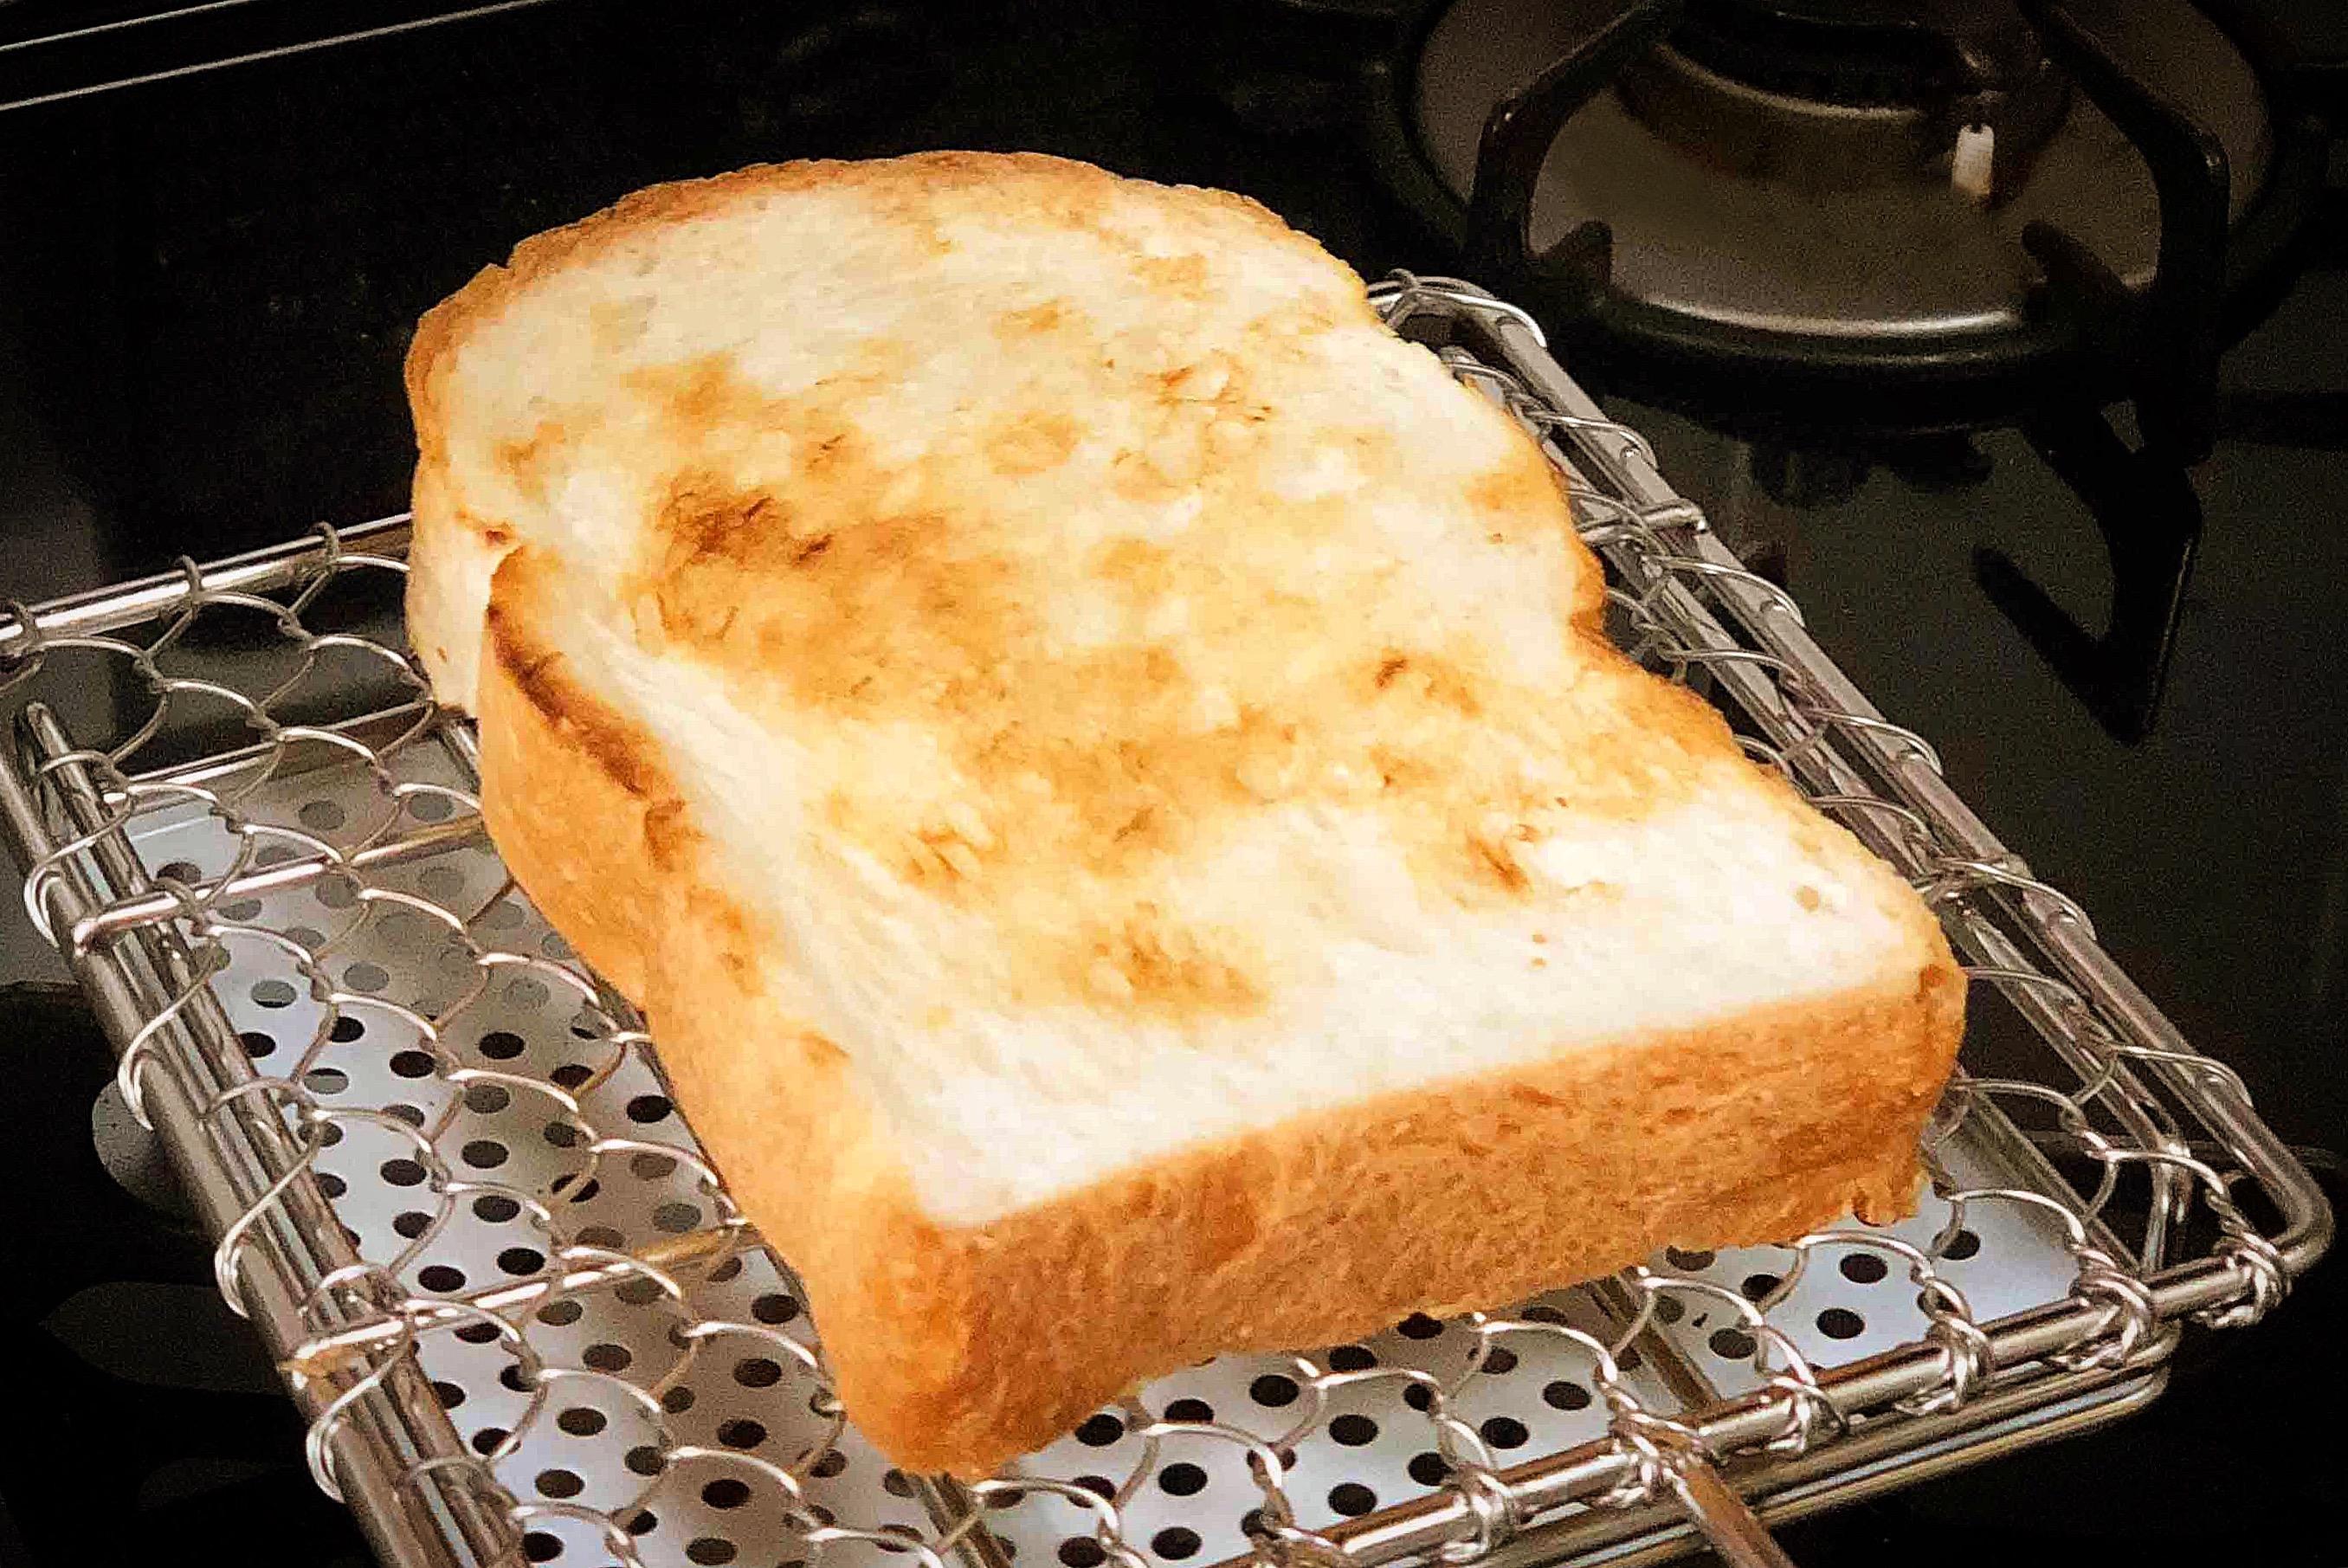 焼き網で焼いたトースト